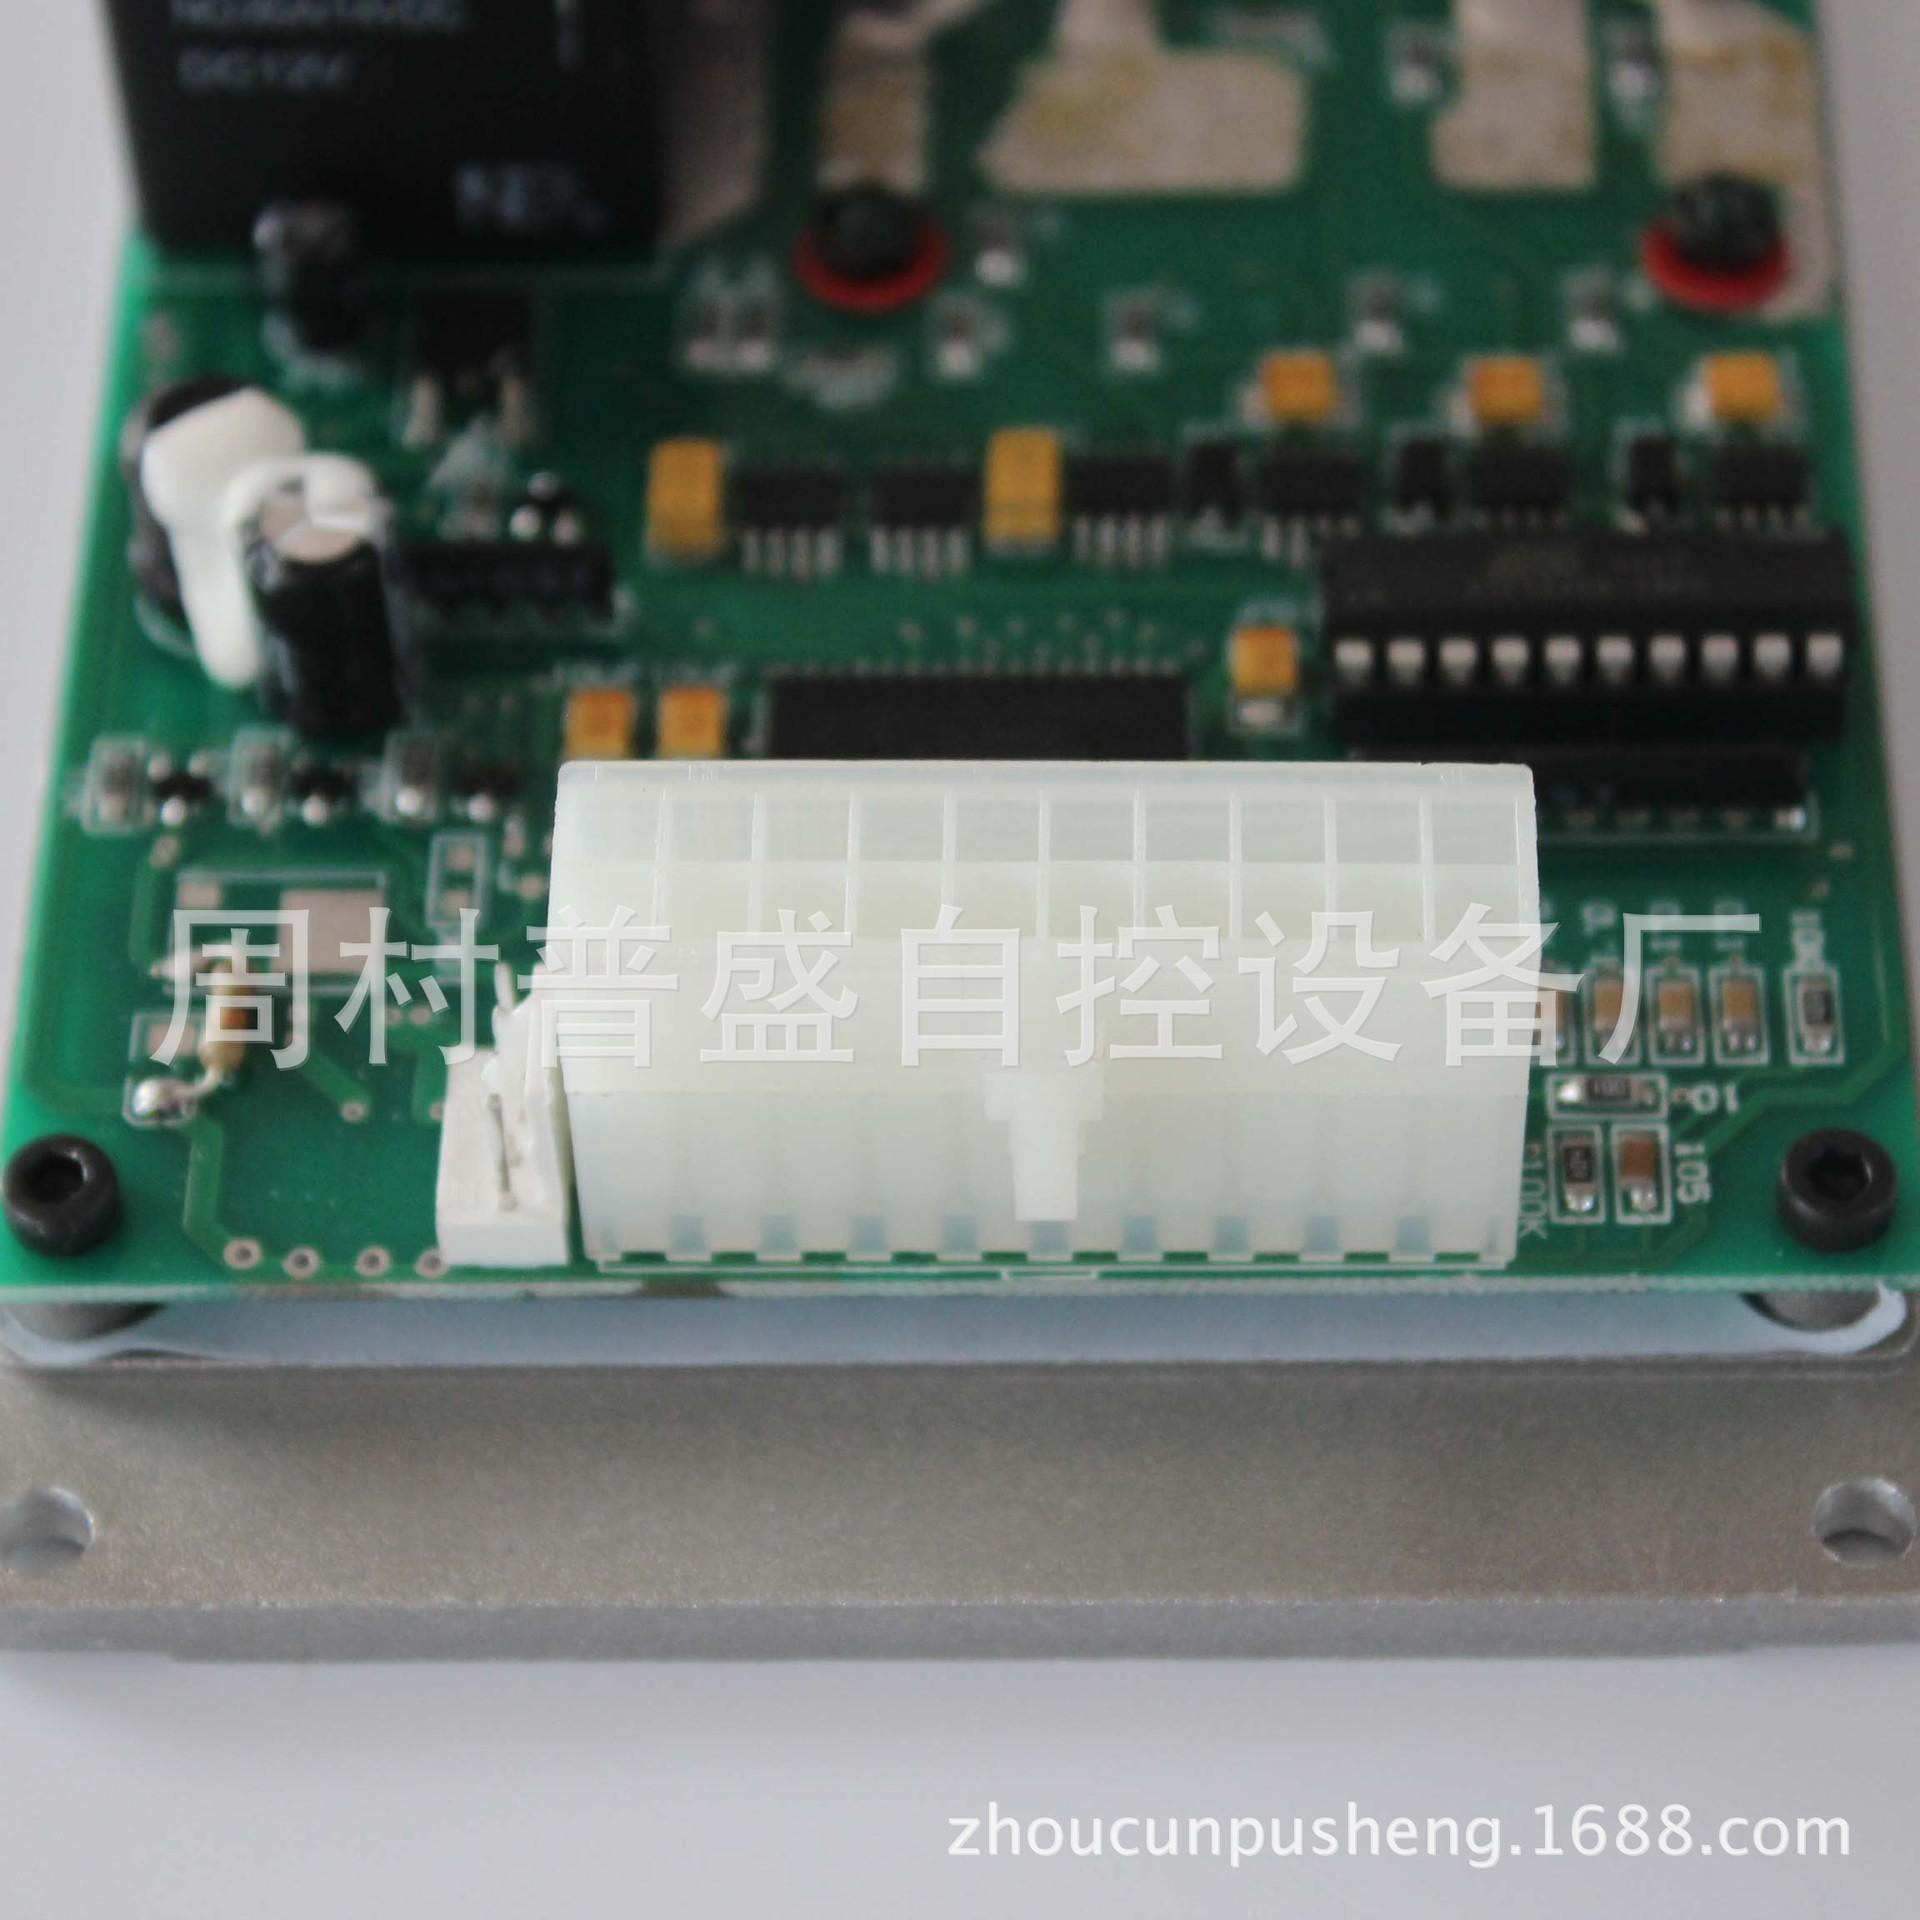 Bảng mạch điều khiển thiết bị rửa PCB FL50